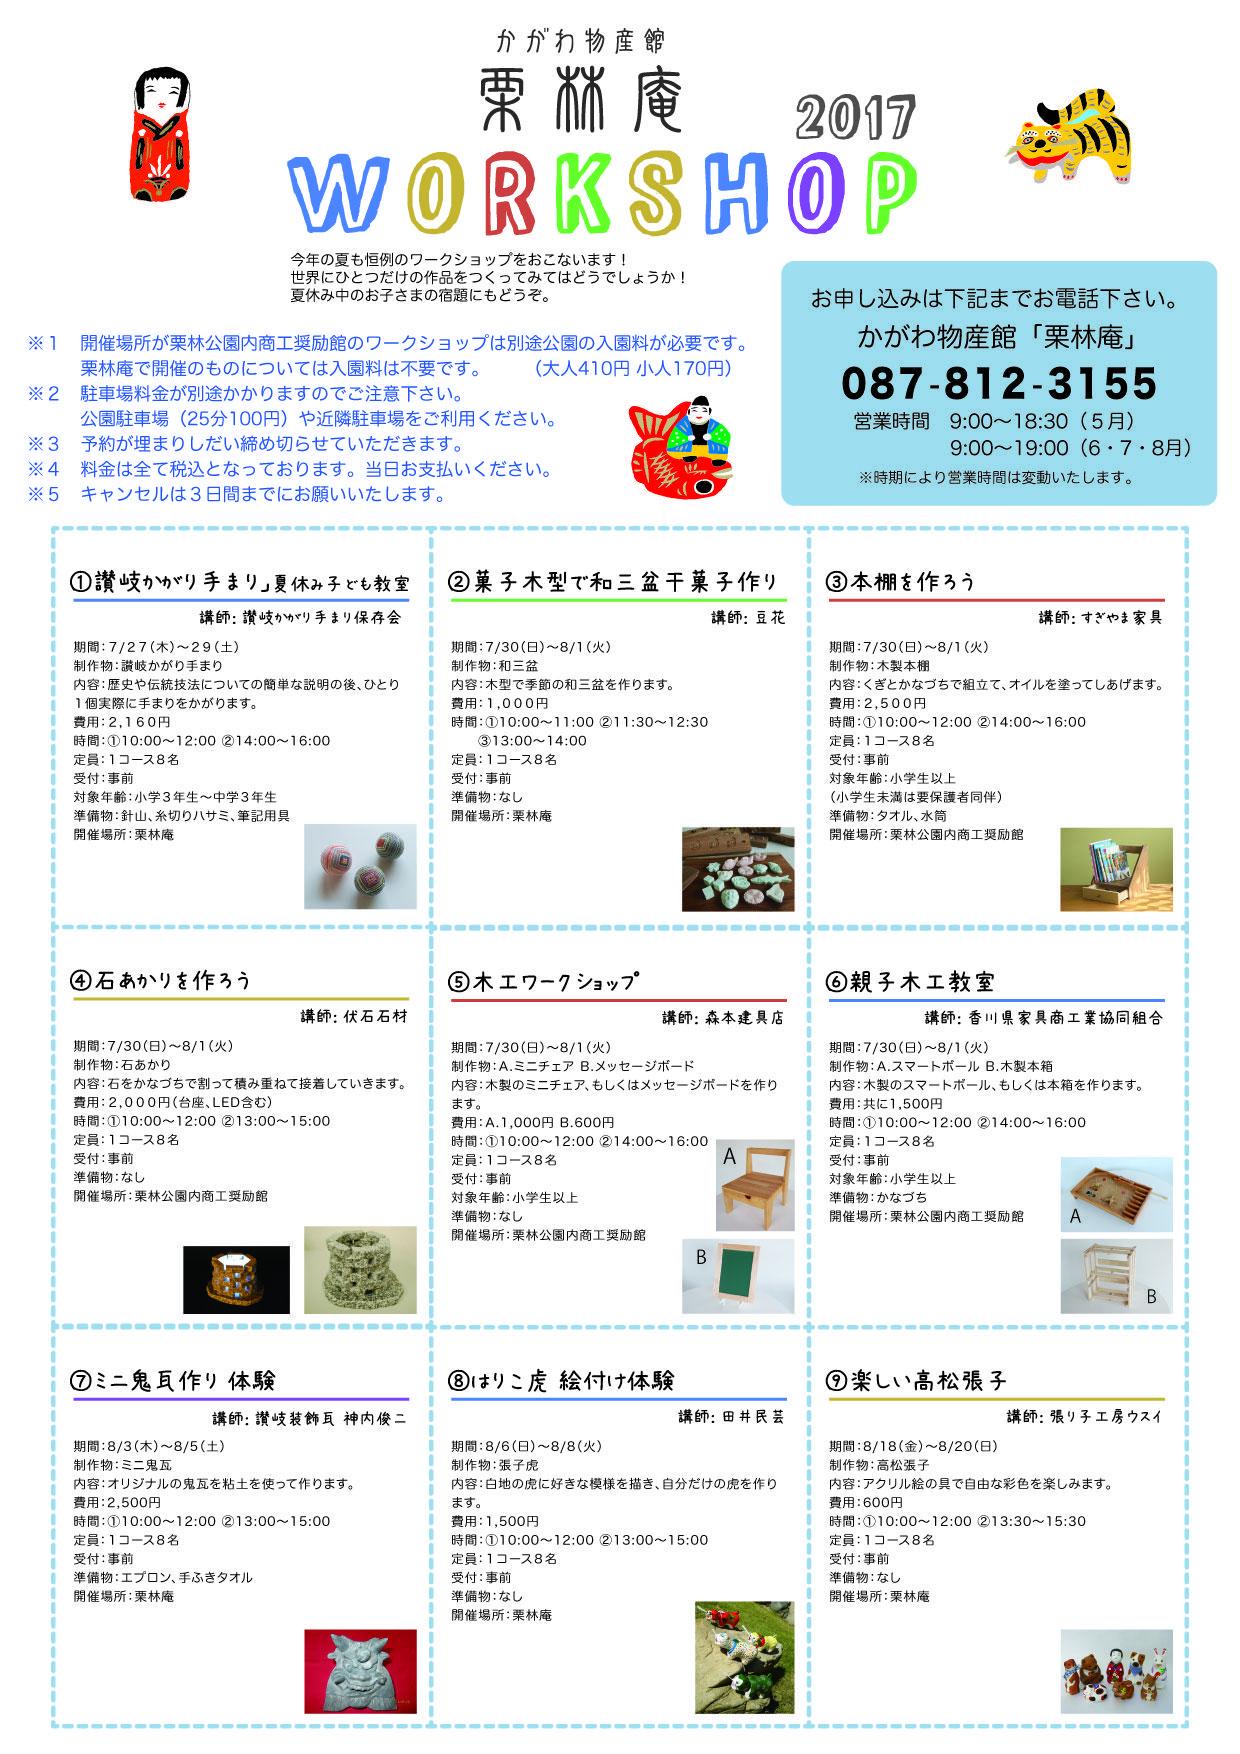 http://www.ritsurinan.jp/news/12ae63e1f713c708080769d00f726e916a8a2cff.jpg